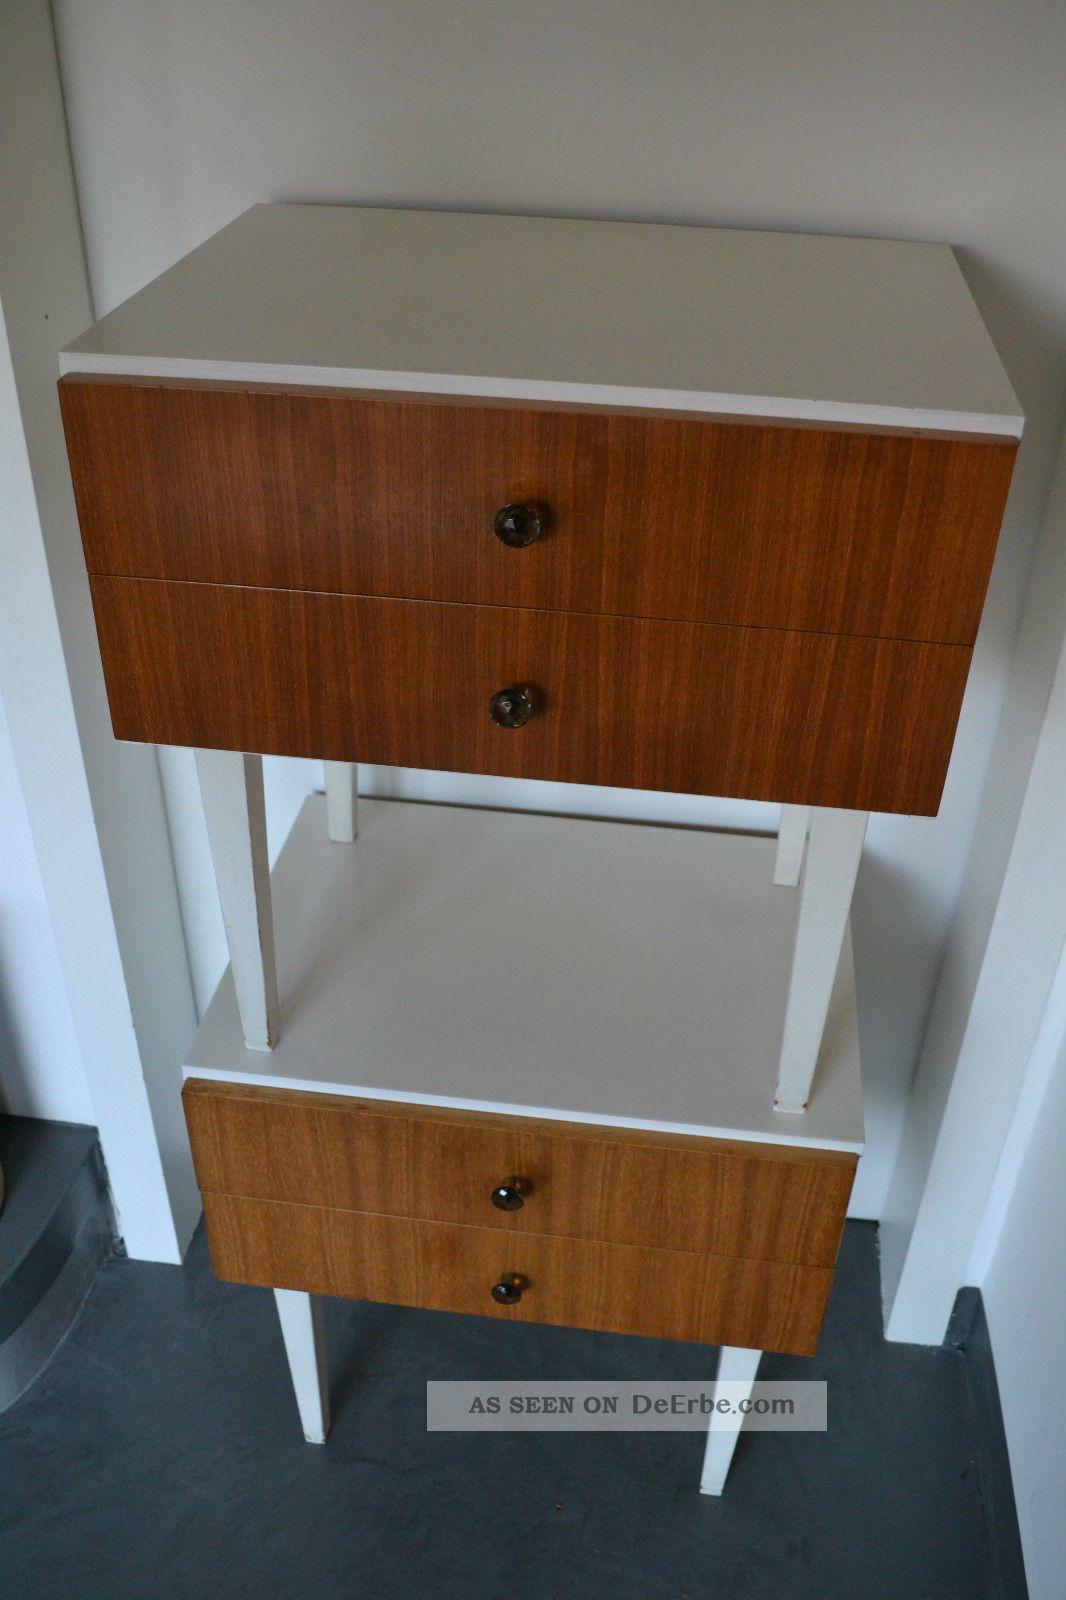 2 nachttisch tisch schubladenschrank beistelltisch 60er 70er jahre teak teakholz. Black Bedroom Furniture Sets. Home Design Ideas